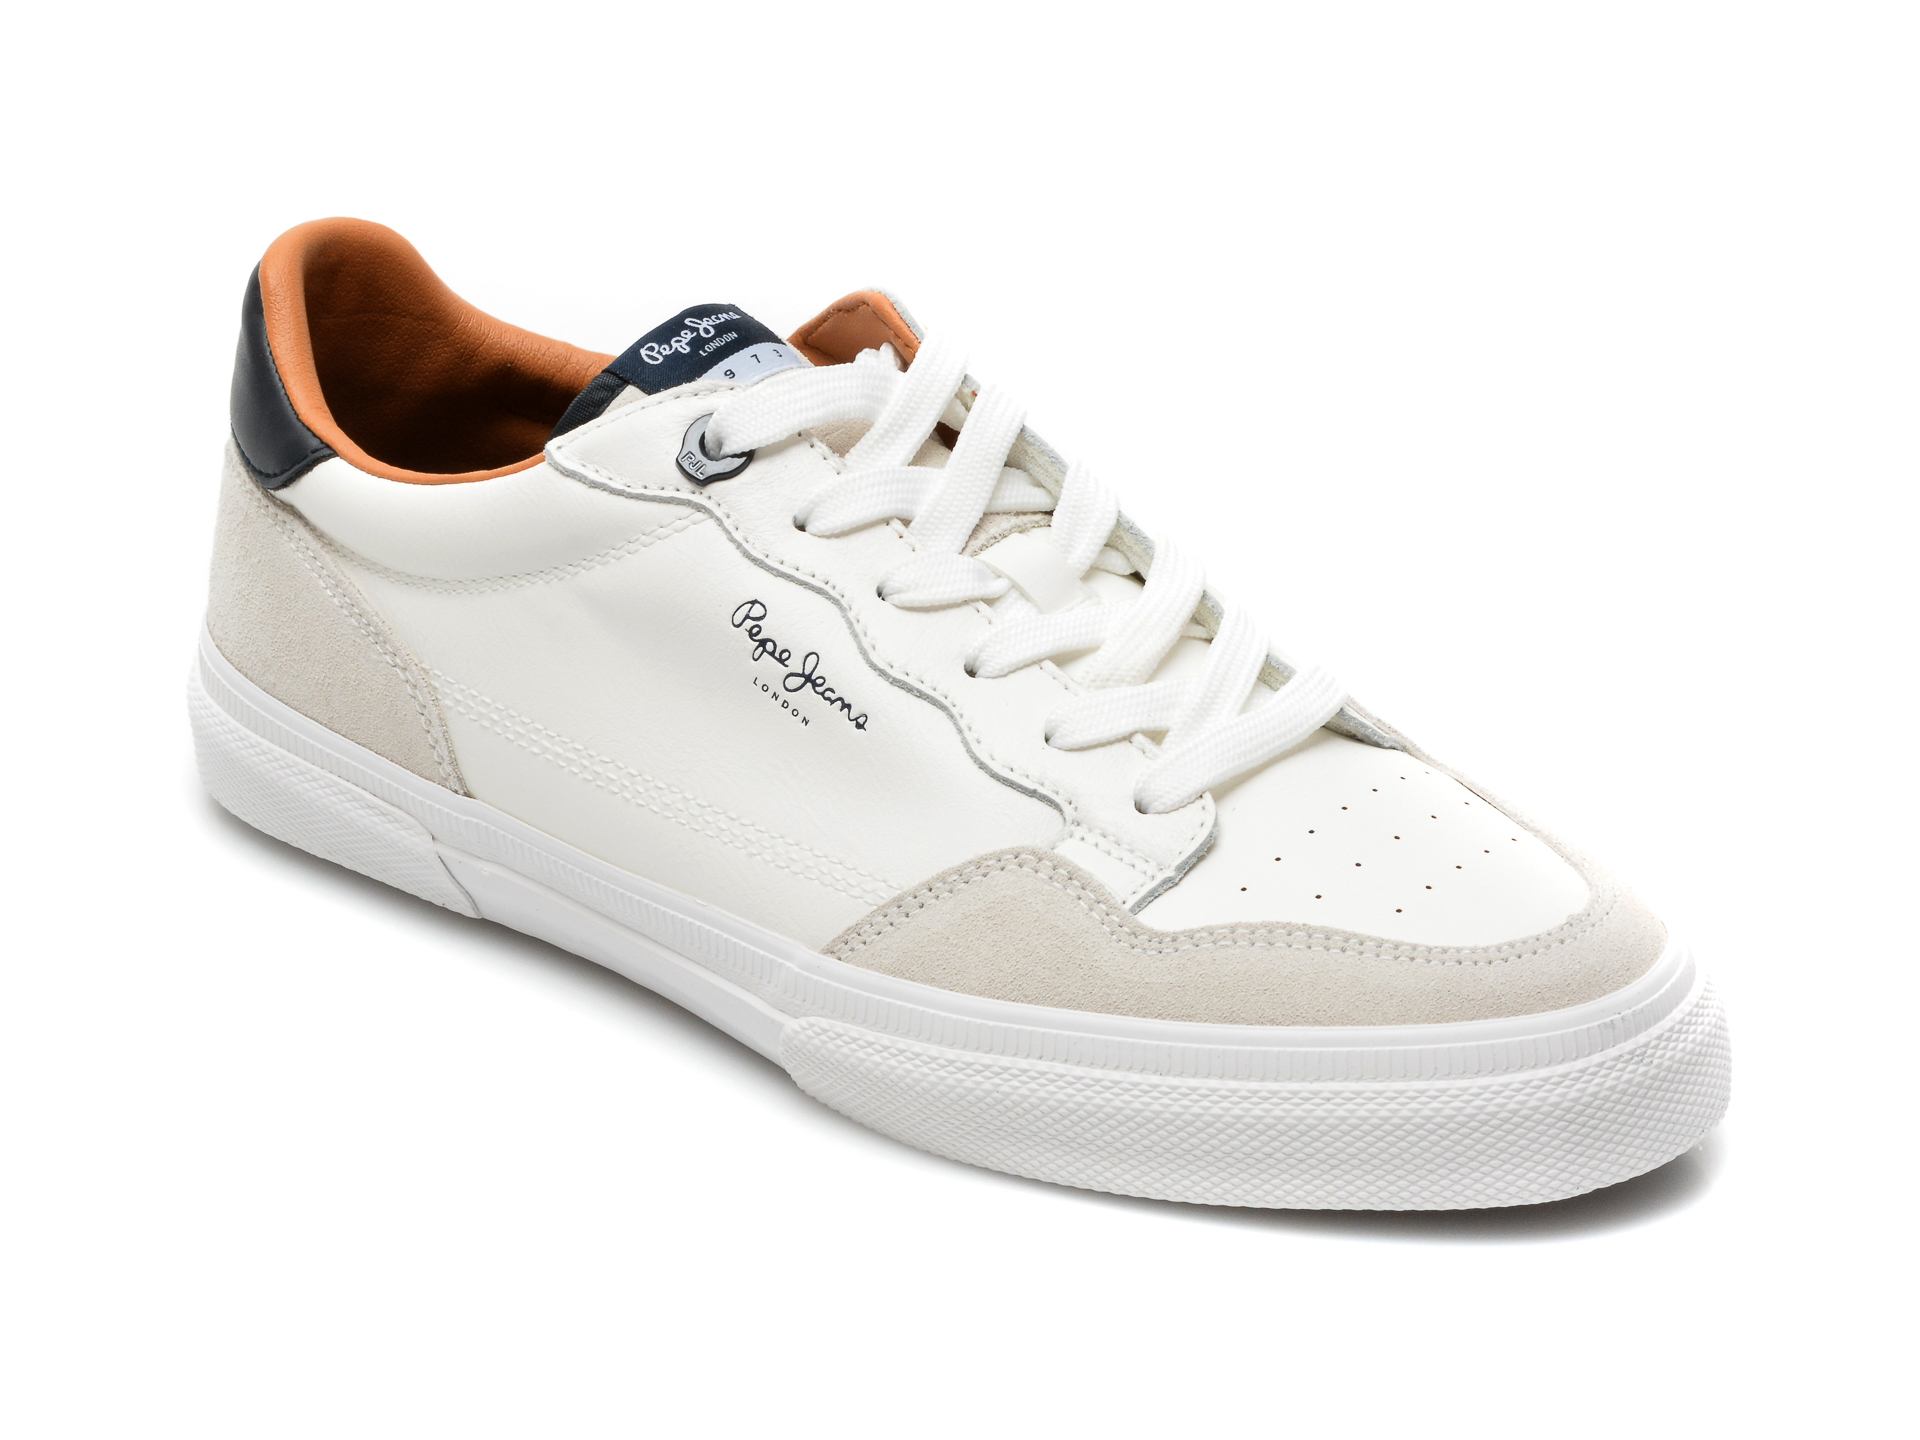 Pantofi sport PEPE JEANS albi, MS30765, din piele ecologica